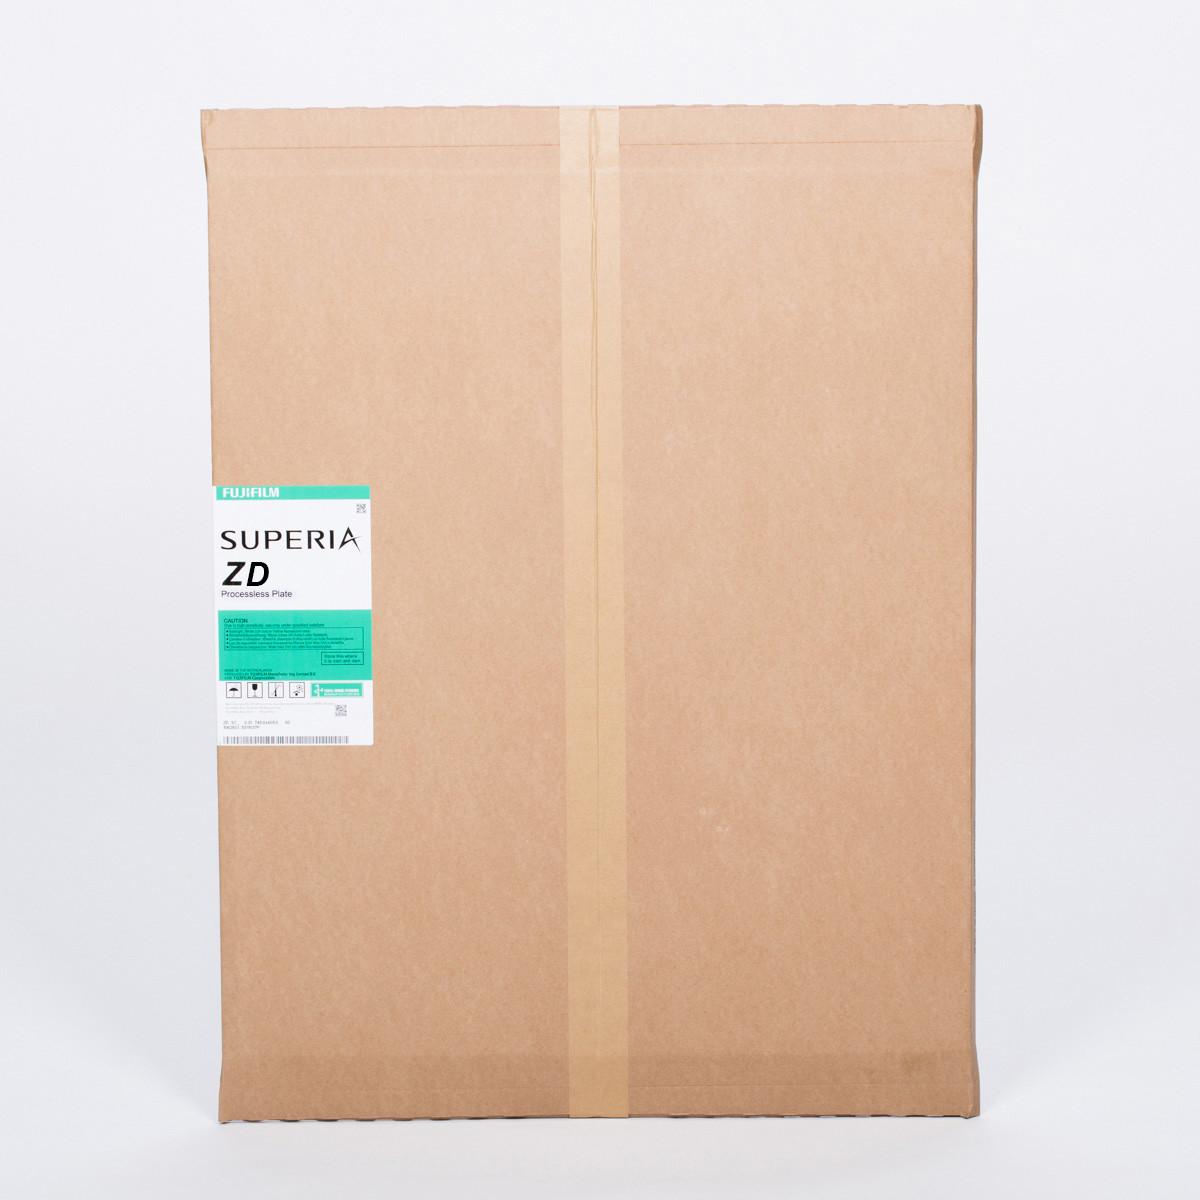 FUJI SUPERIA ZD ST 525x459x0,15x100